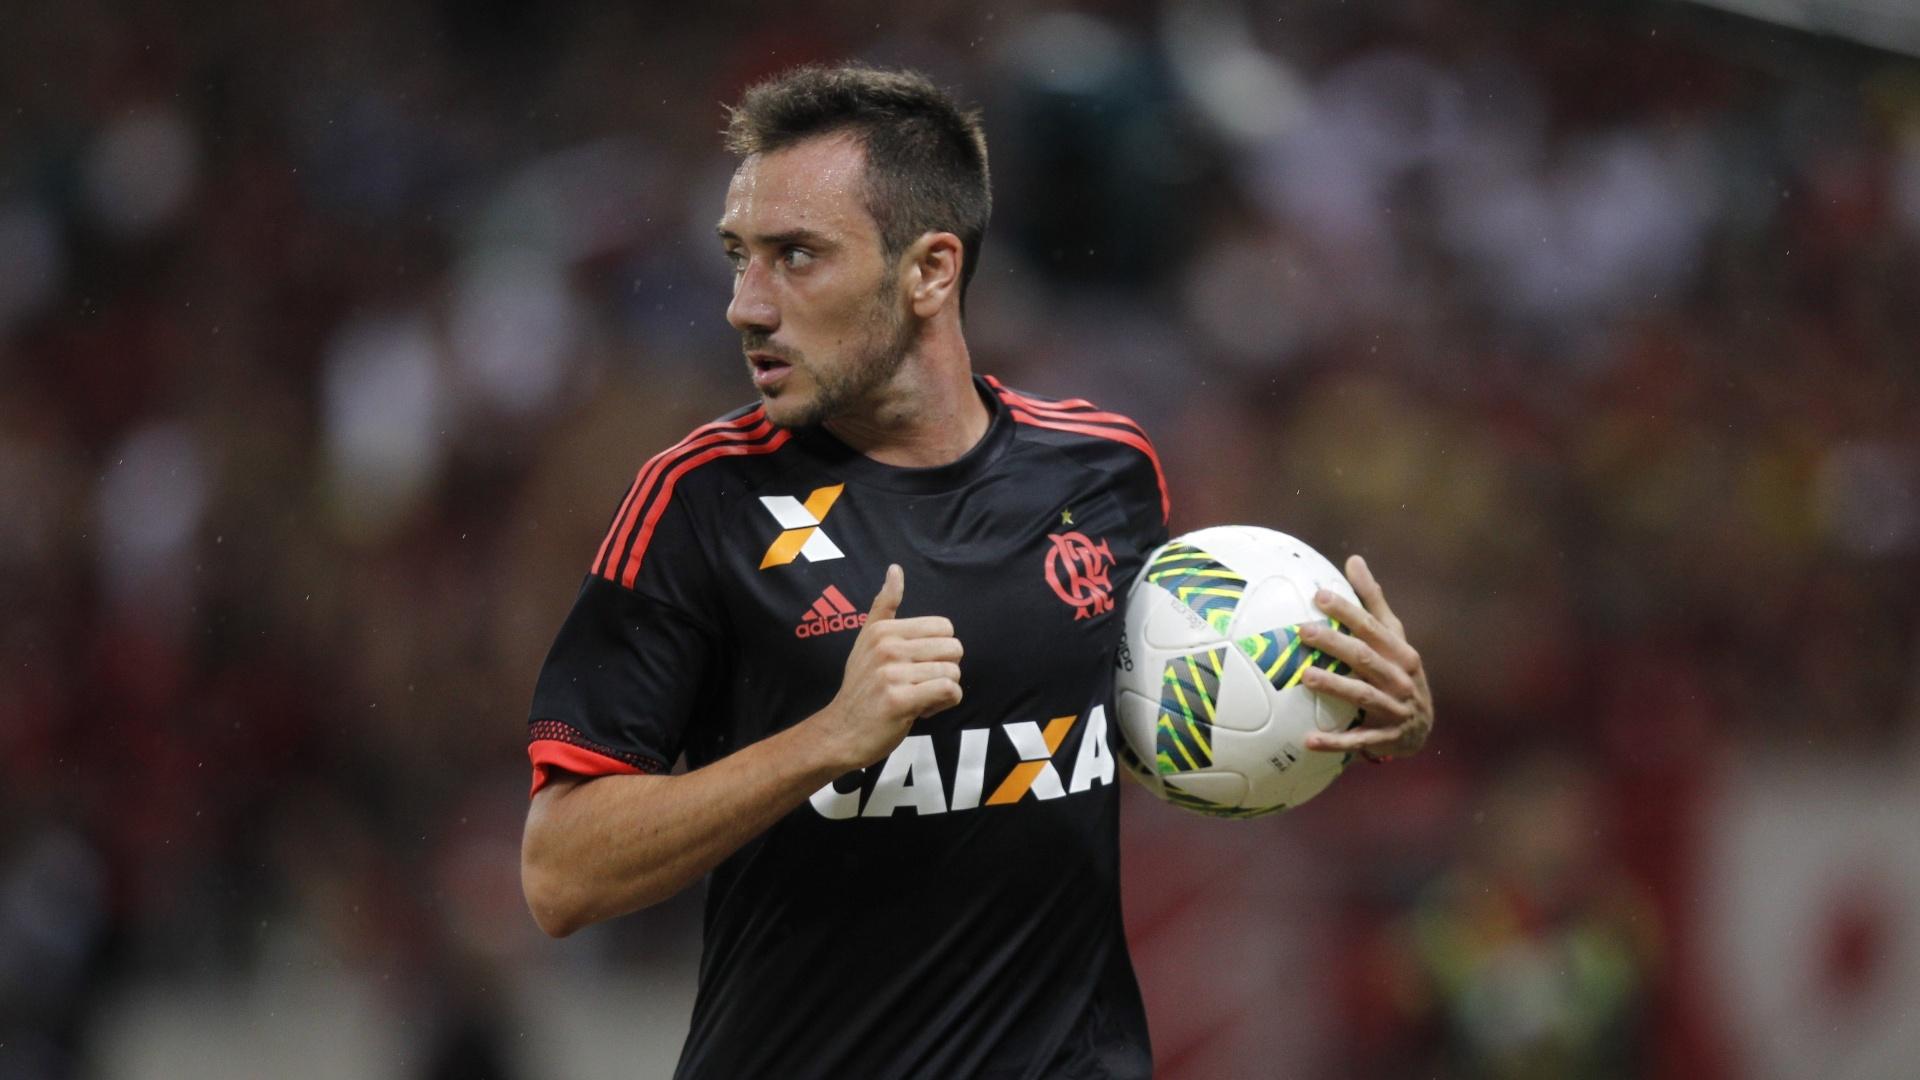 Frederico Mancuello jogou 45 minutos em boa estreia com a camisa do Flamengo